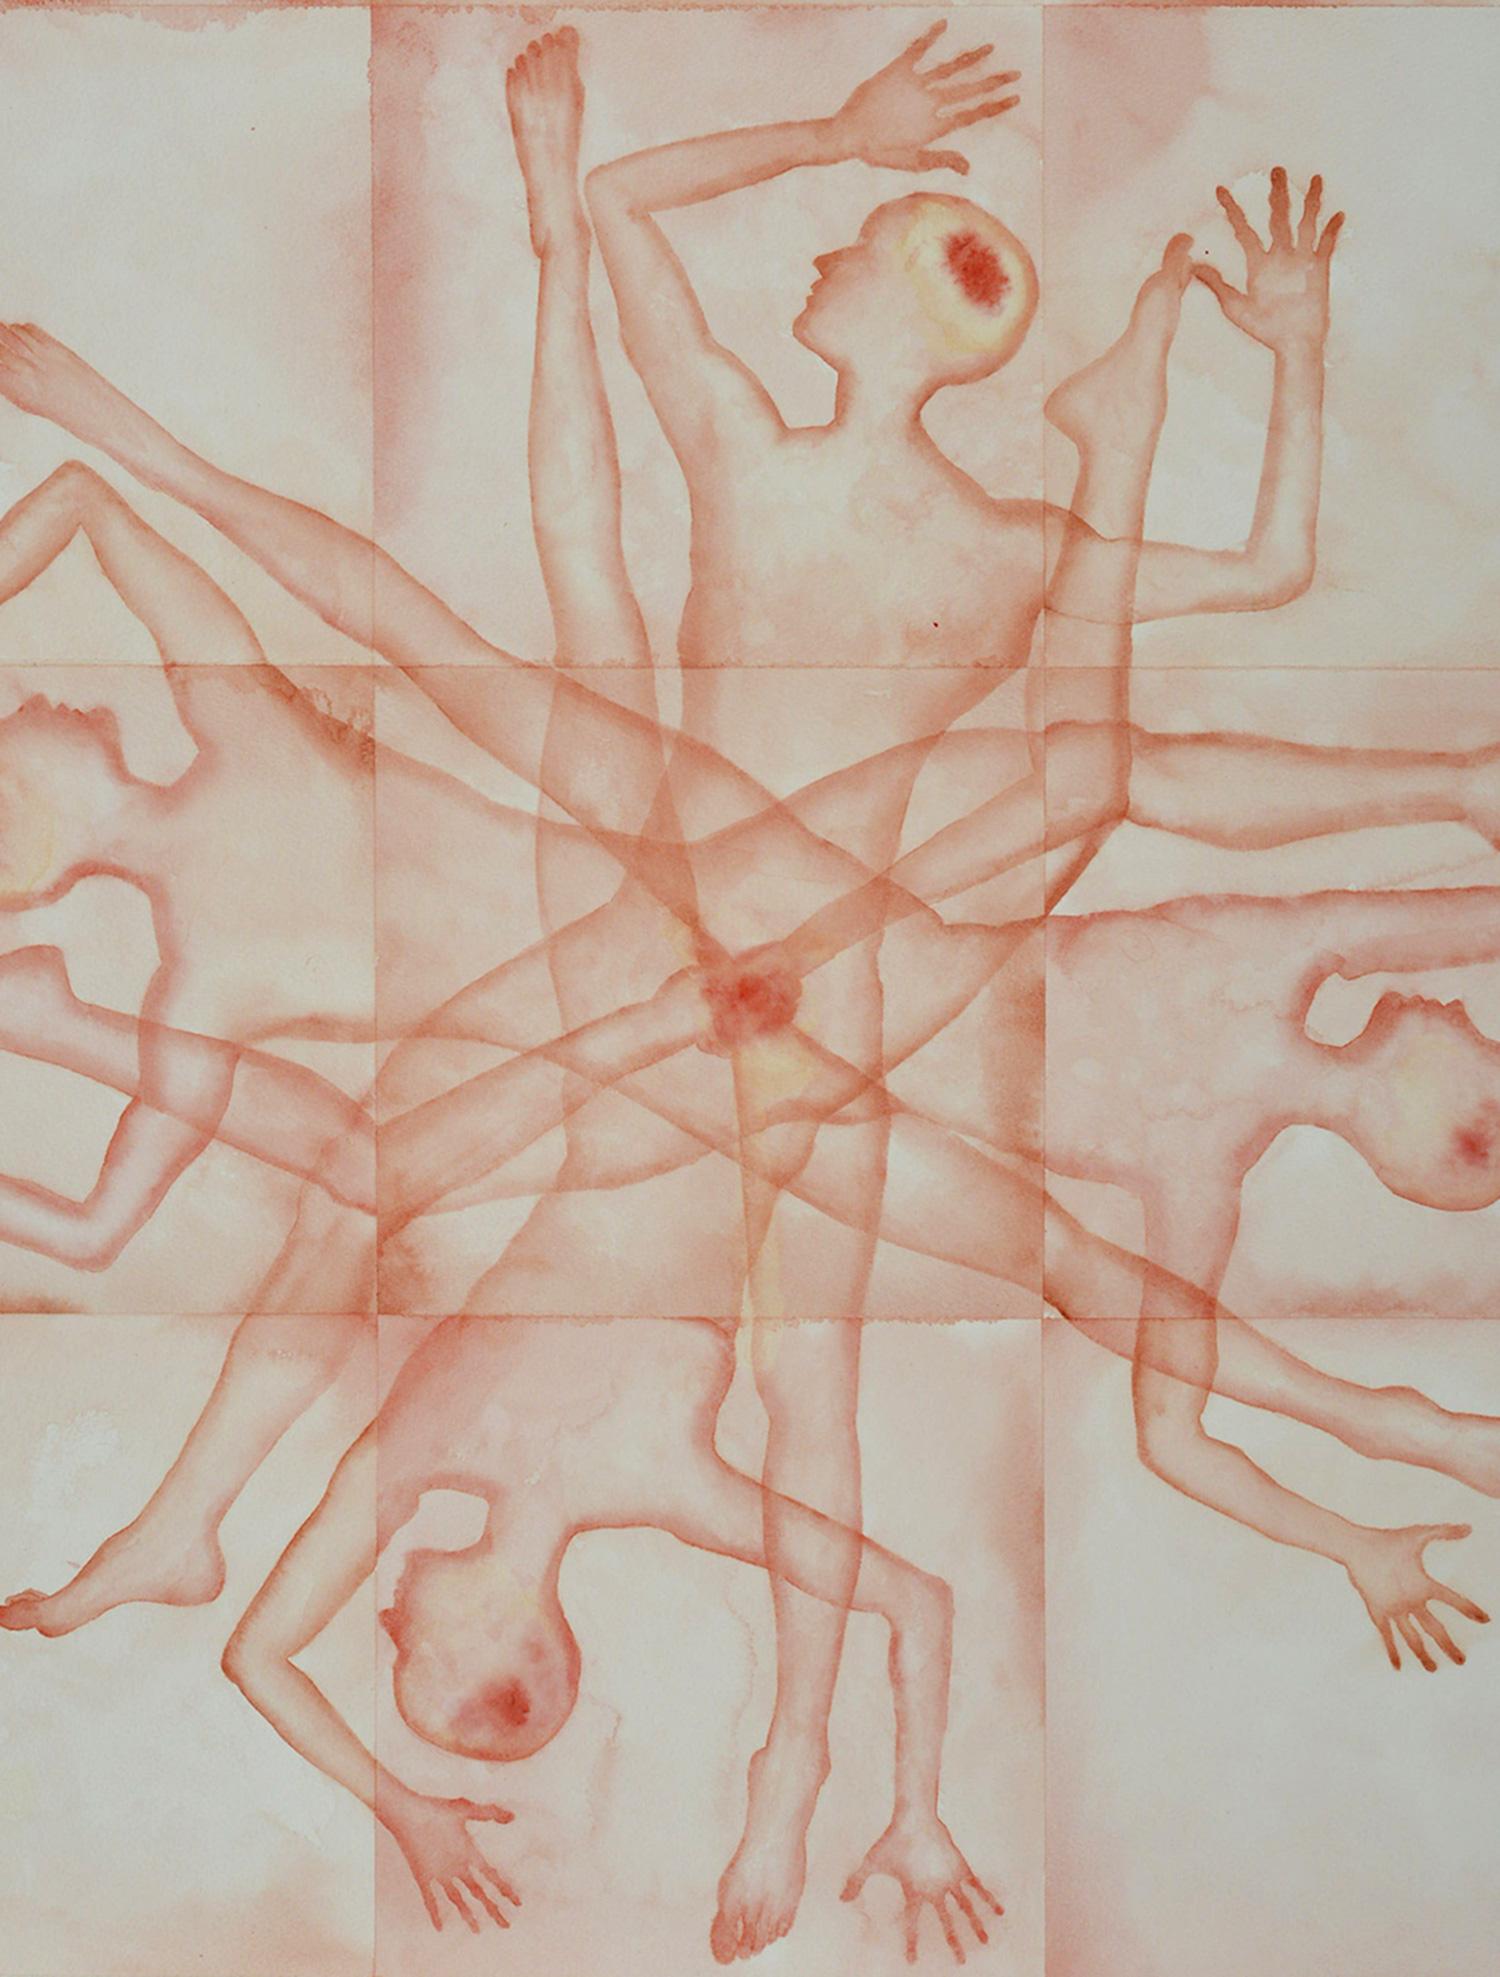 Stefano Bonzano, Forze emotive 01, acquerello su carta applicato su due pannelli, 50x69 cm, 2019 (dettaglio).